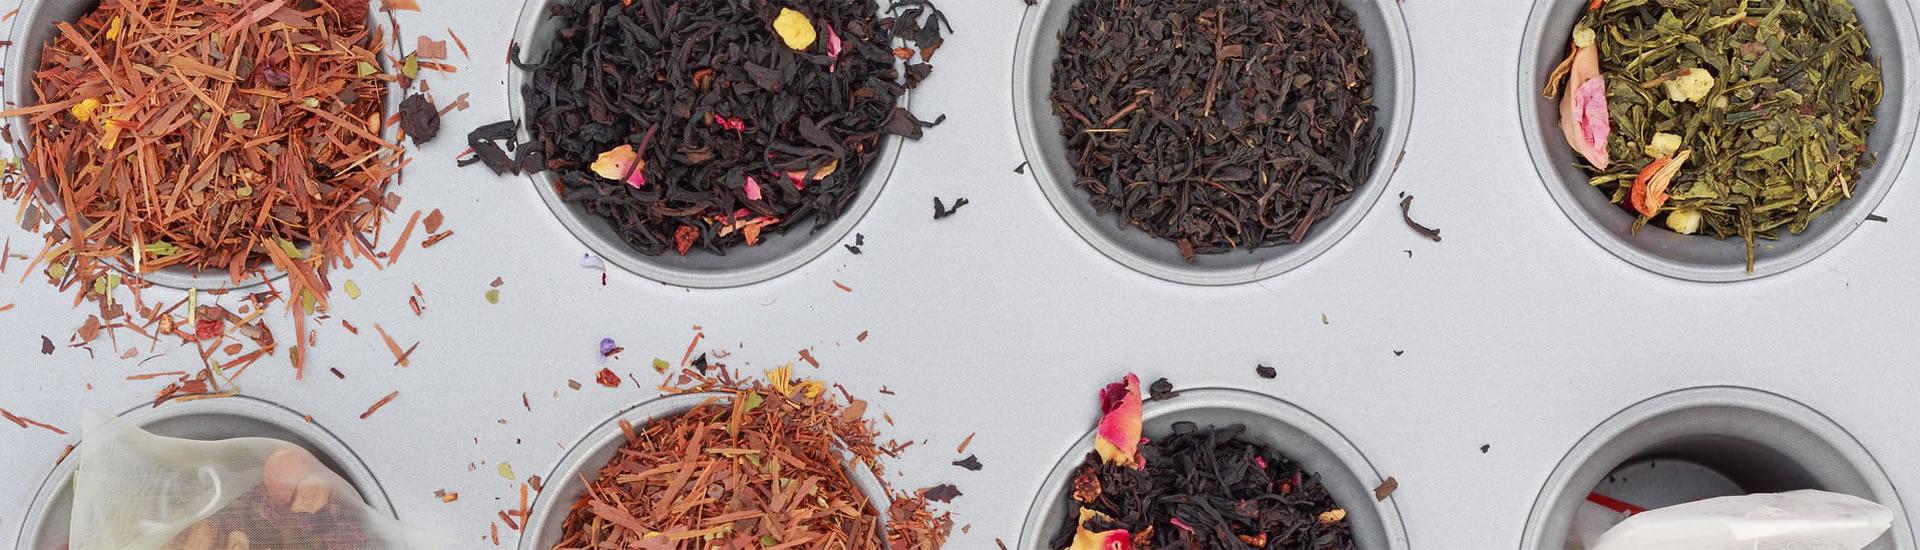 Profesional en el diseño de blends de té y de yerba mate